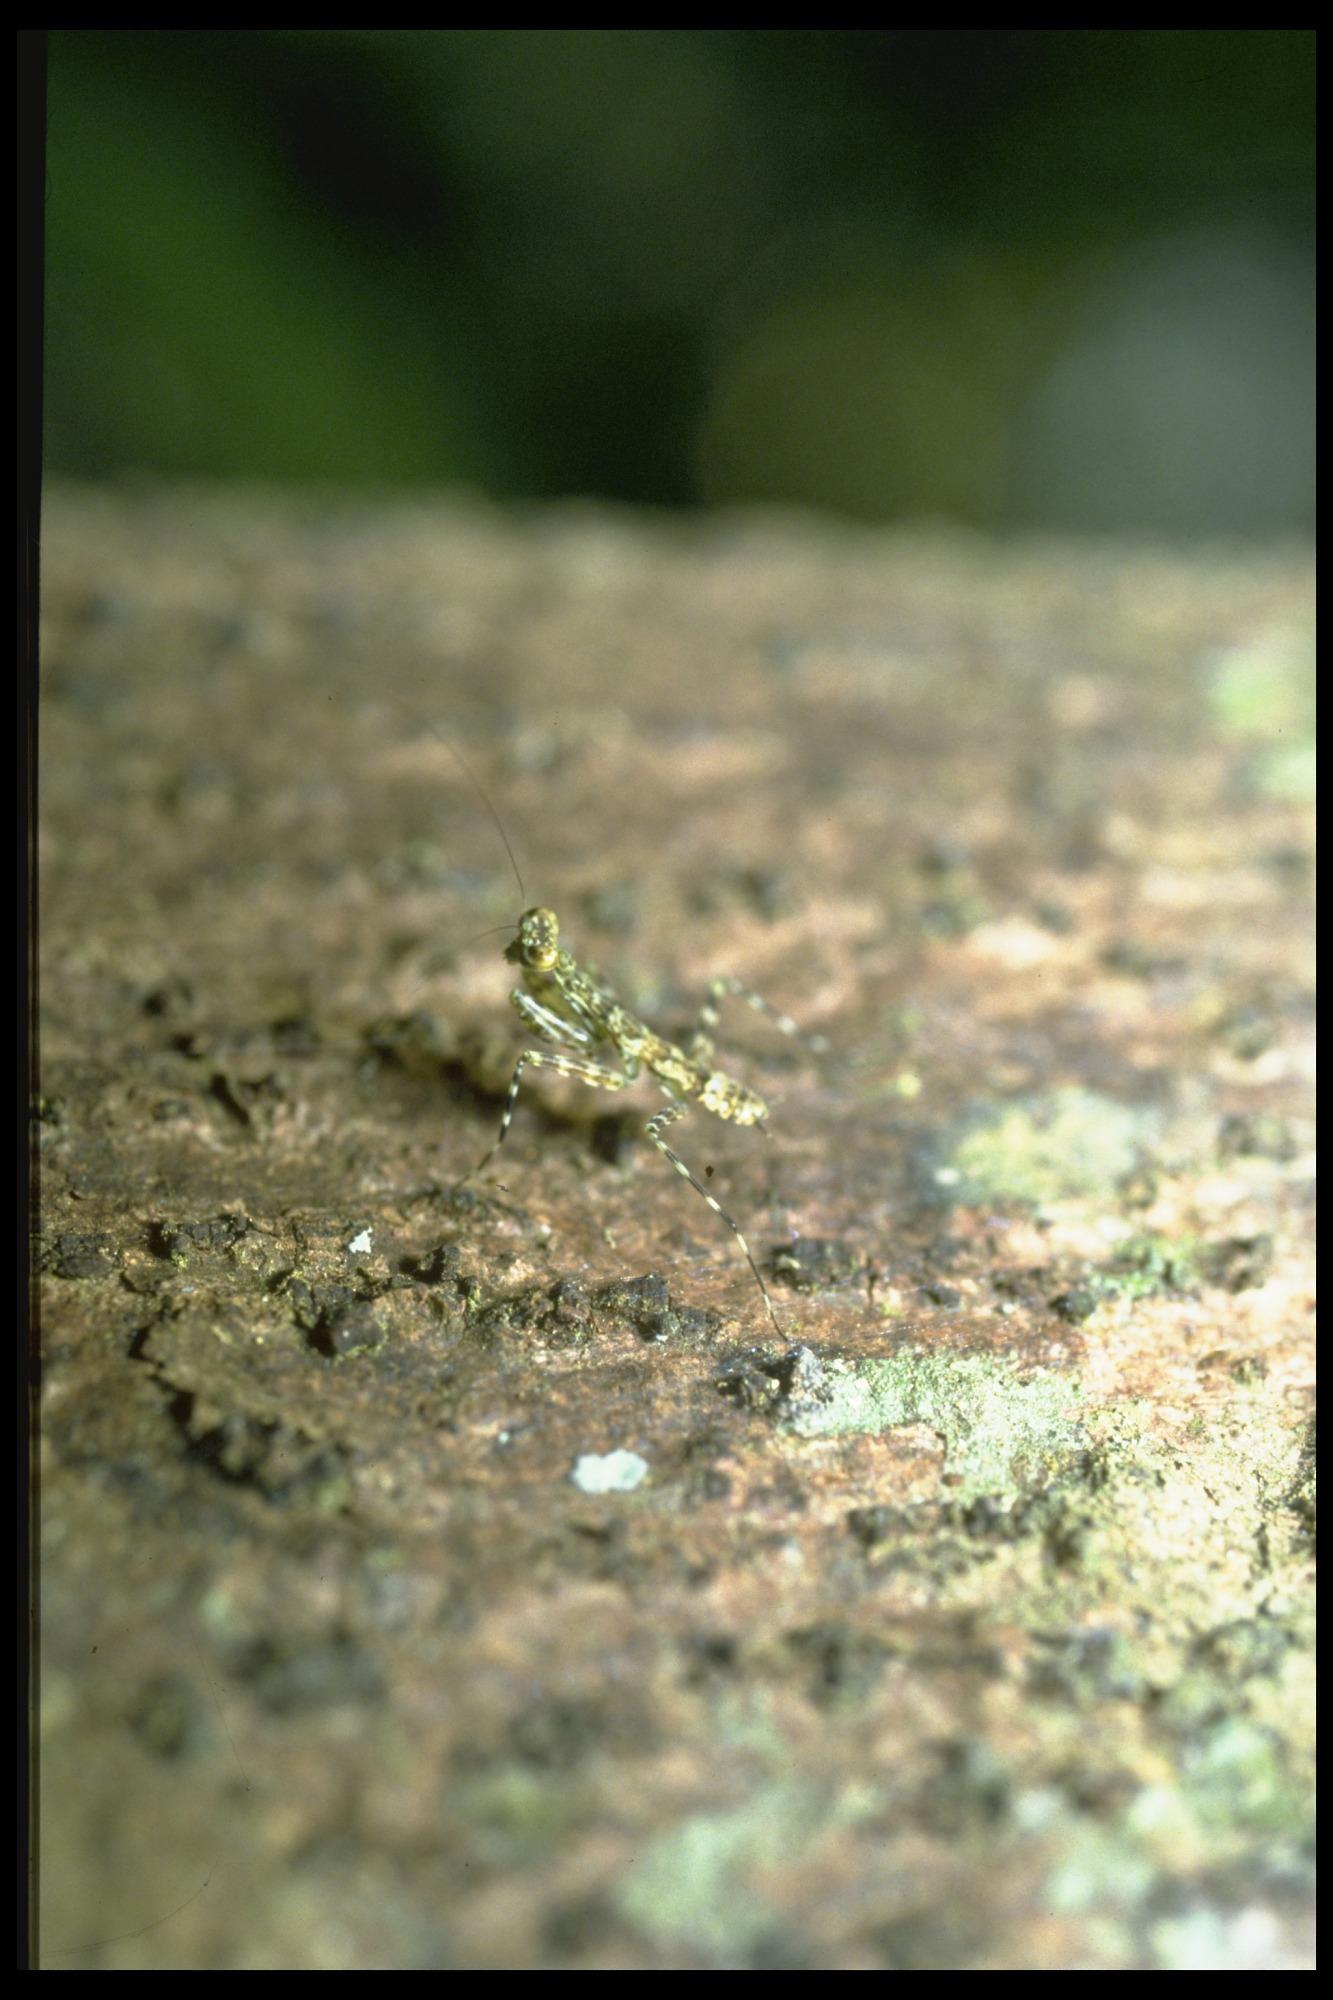 Unidentified Insect on Barro Colorado Island (BCI), Panama, STRI